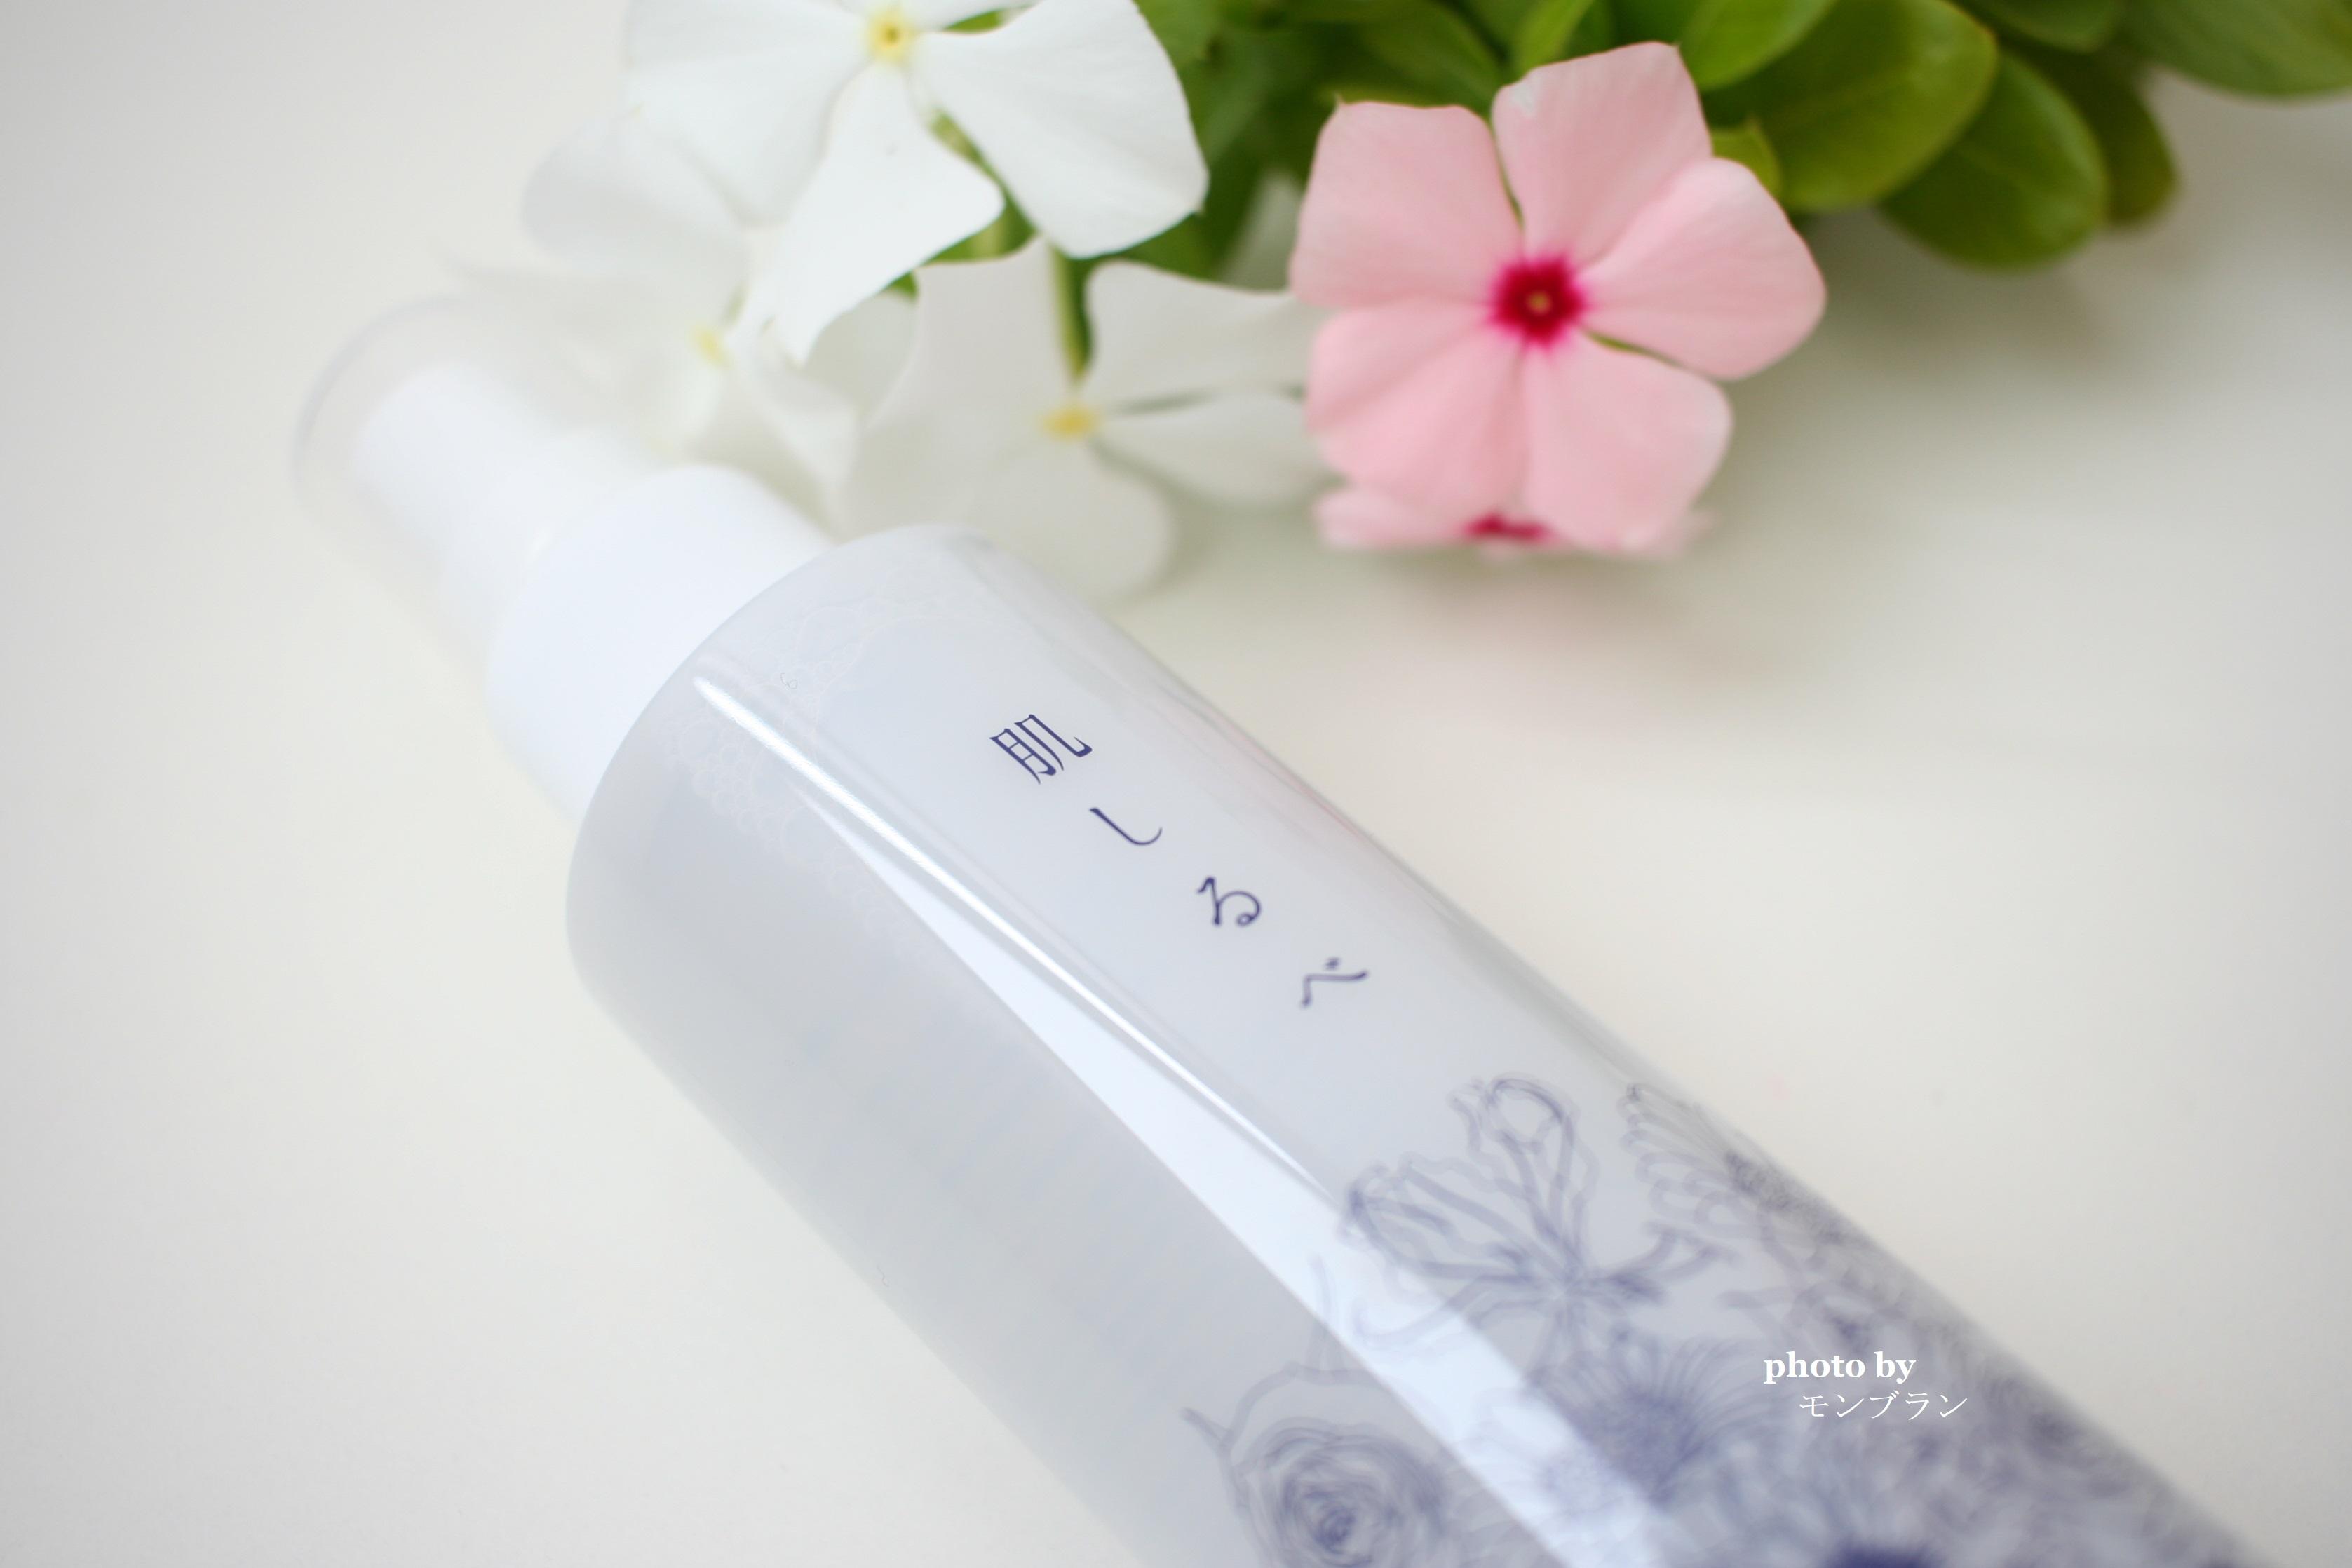 プチプラ化粧水のおすすめ肌しるべの口コミ